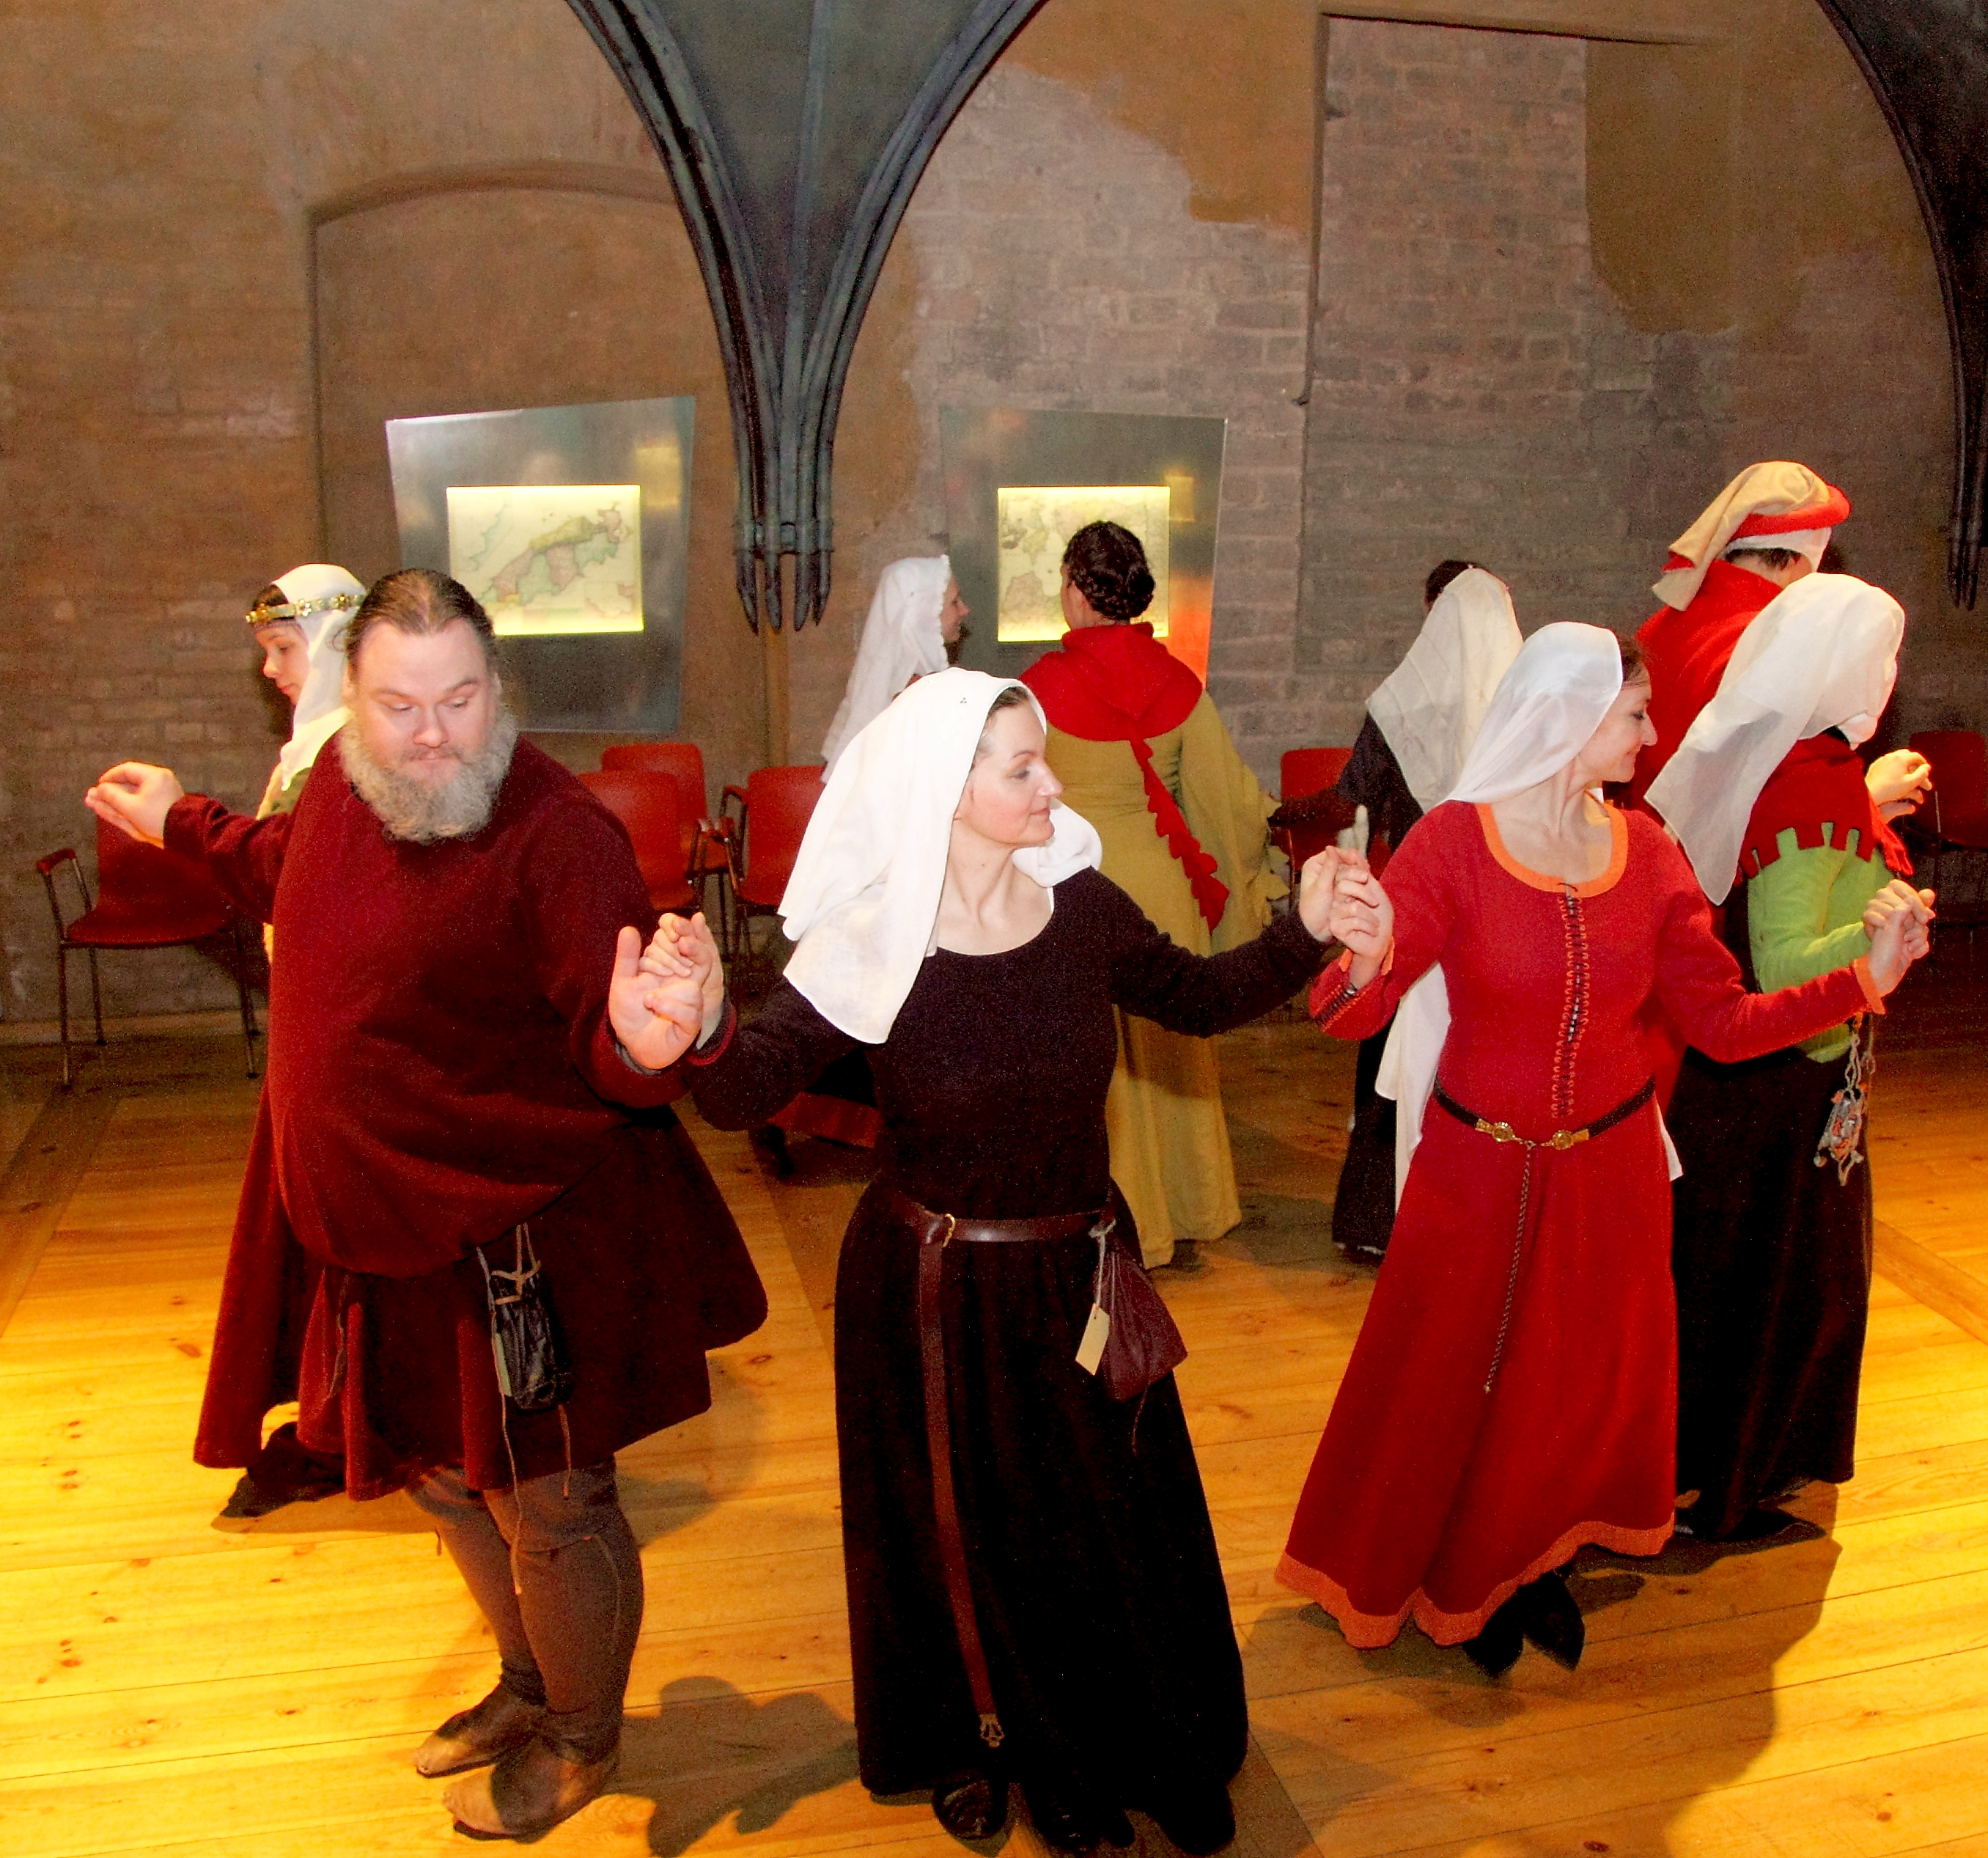 Ziemas turnīrs Sv.Valentīns Livonijas ordeņa pilī